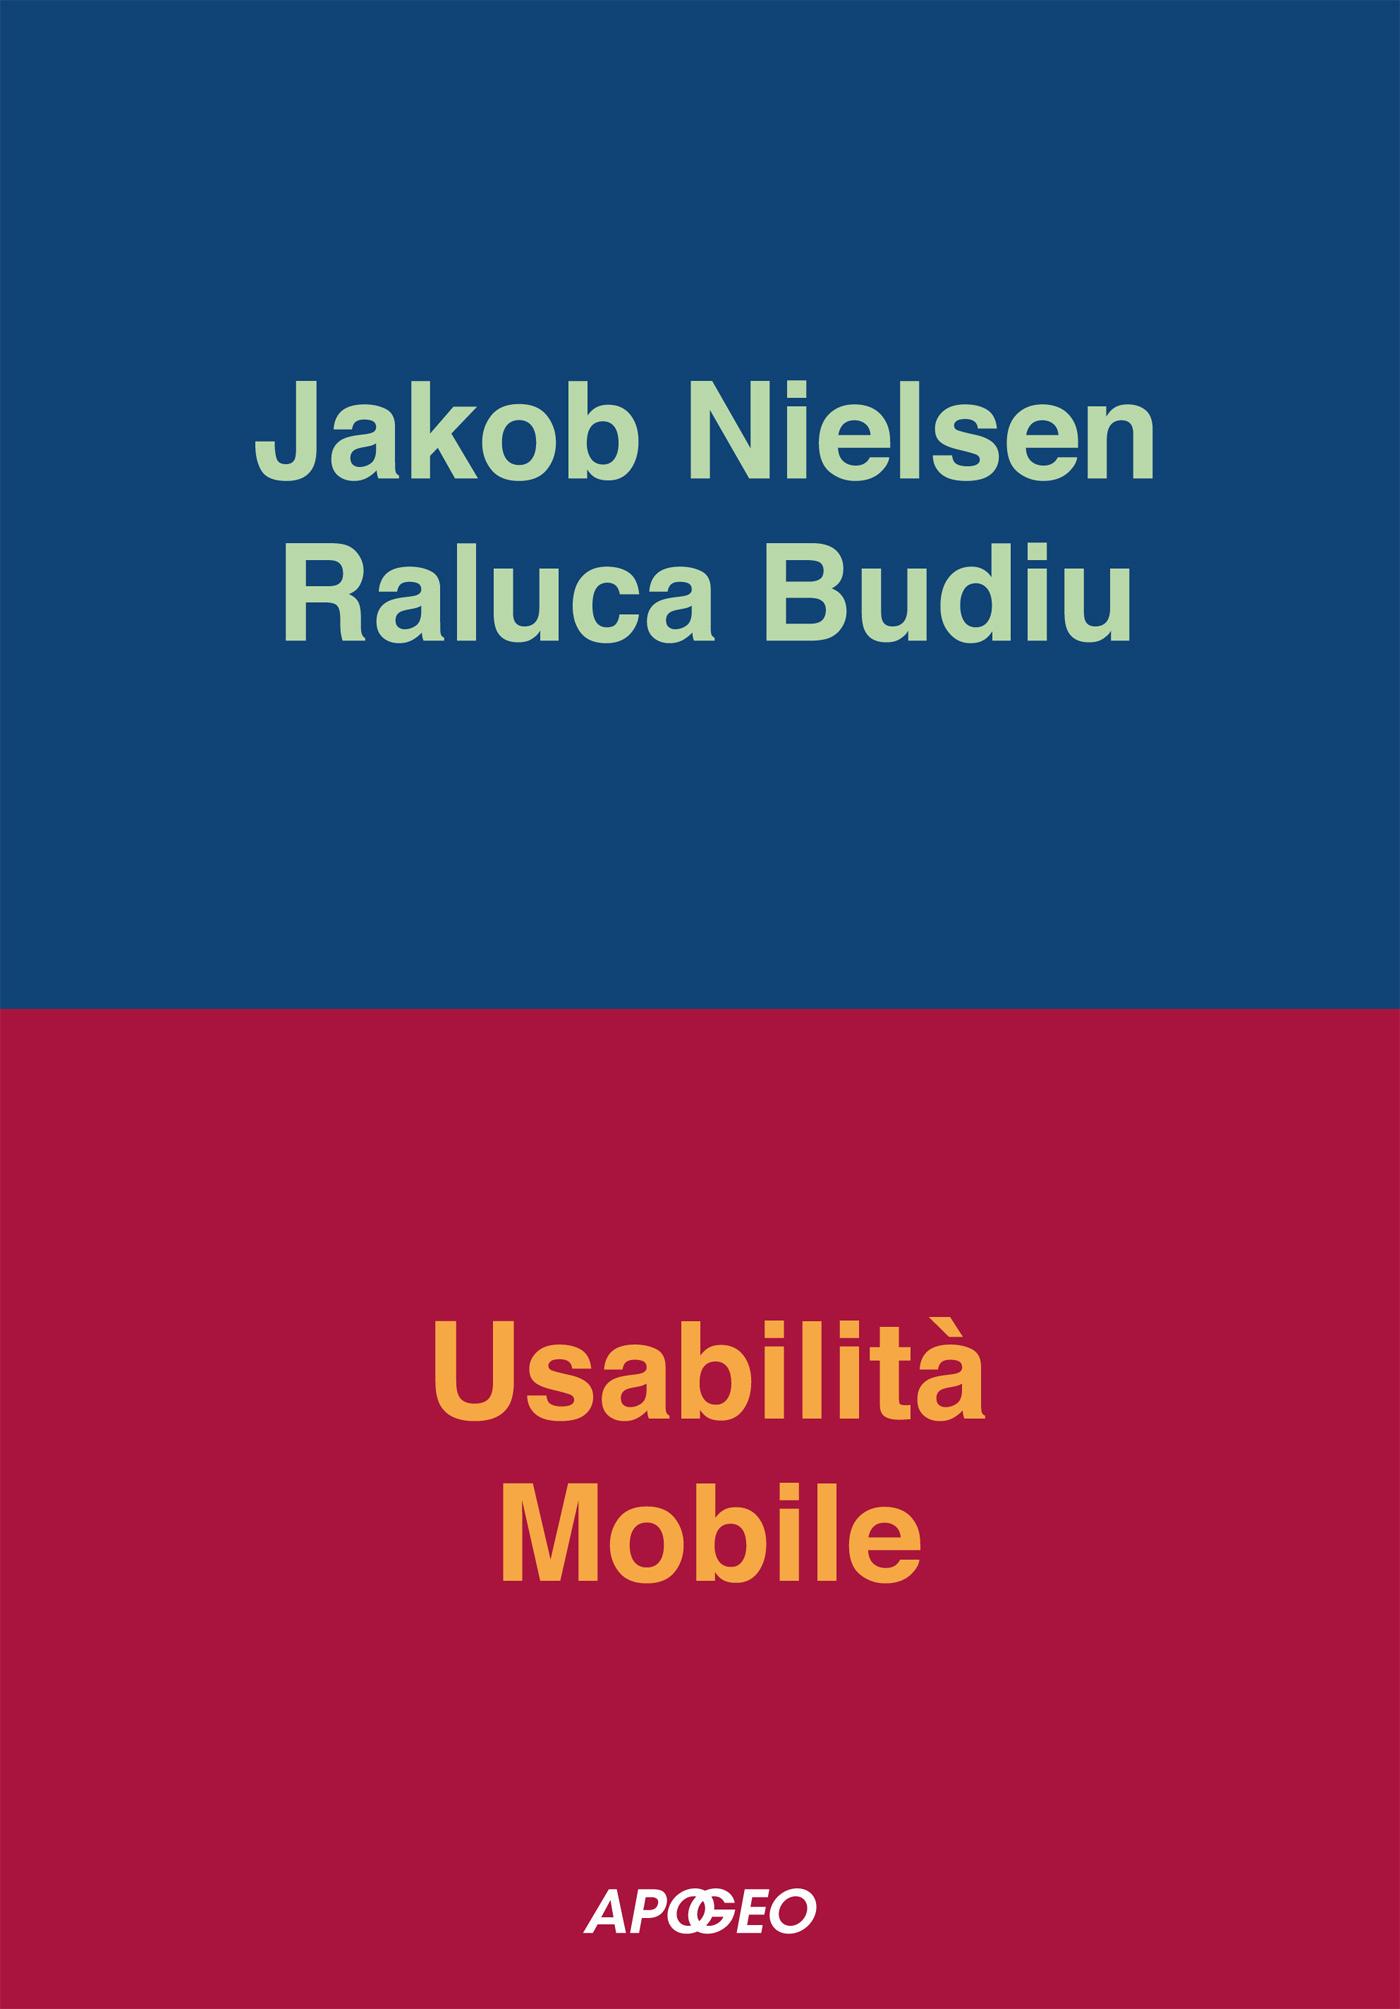 Usabilità Mobile